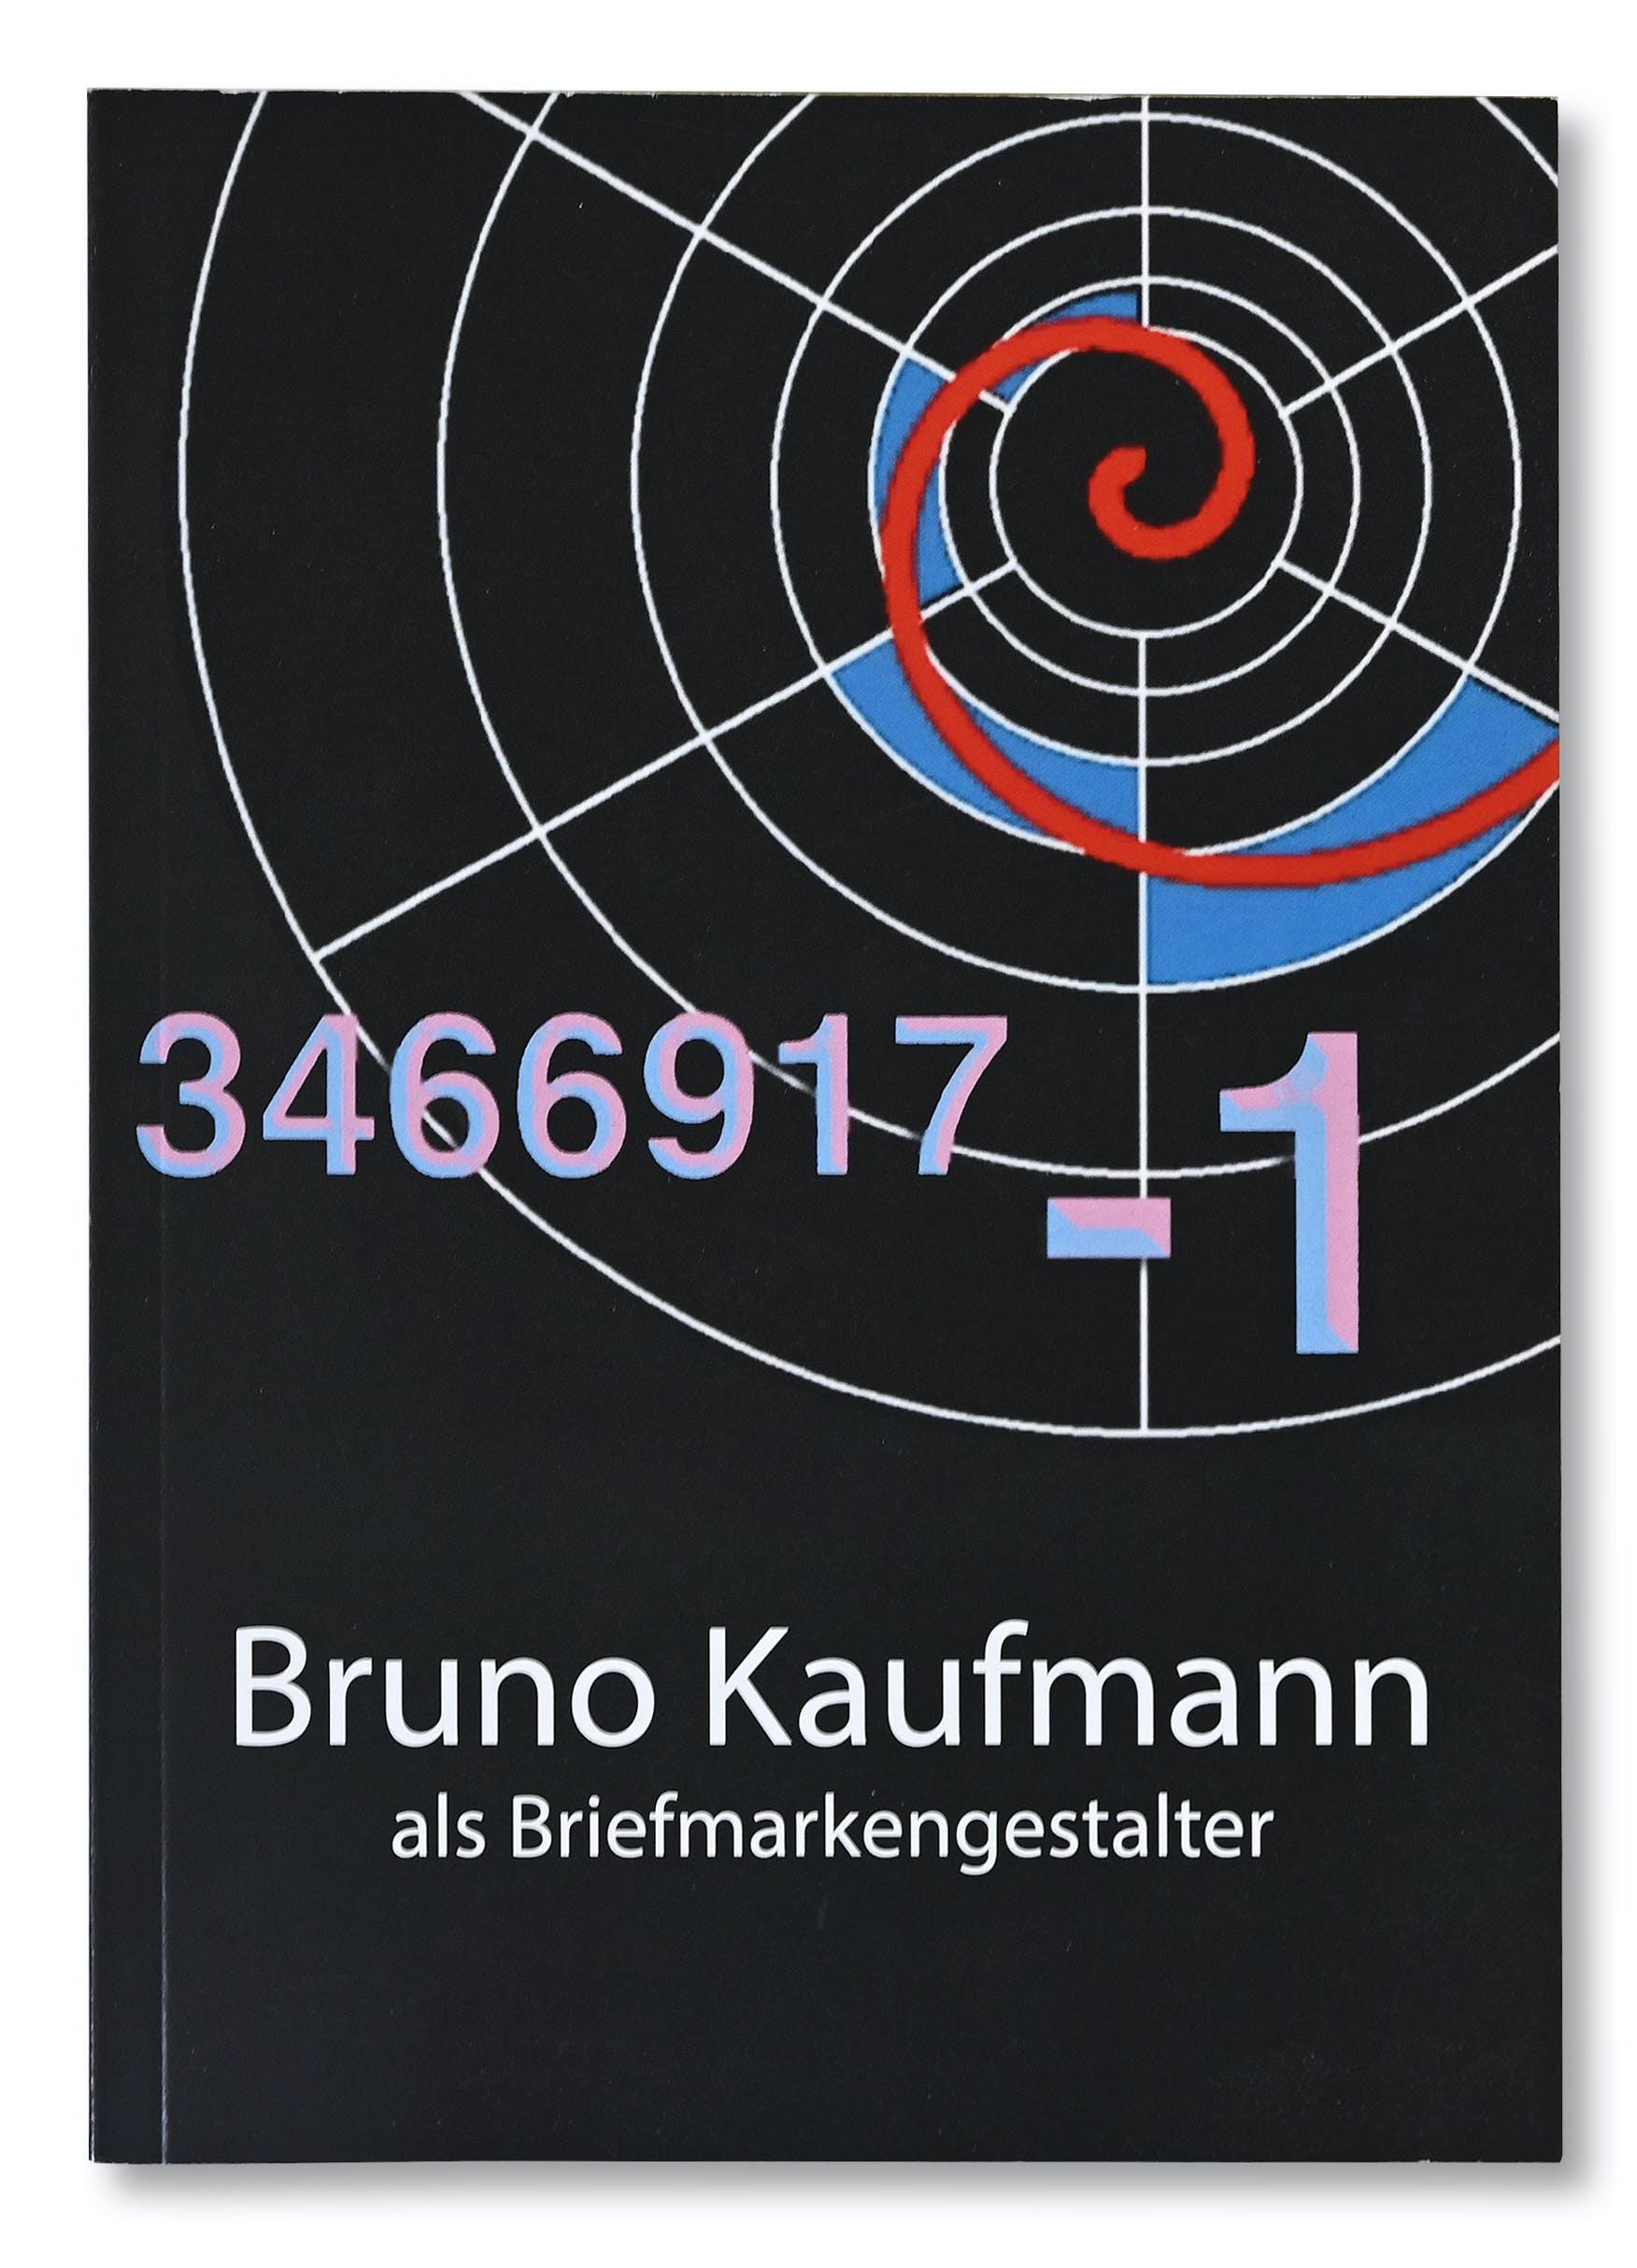 Publikation Bruno Kaufmann als Briefmarkengestalter